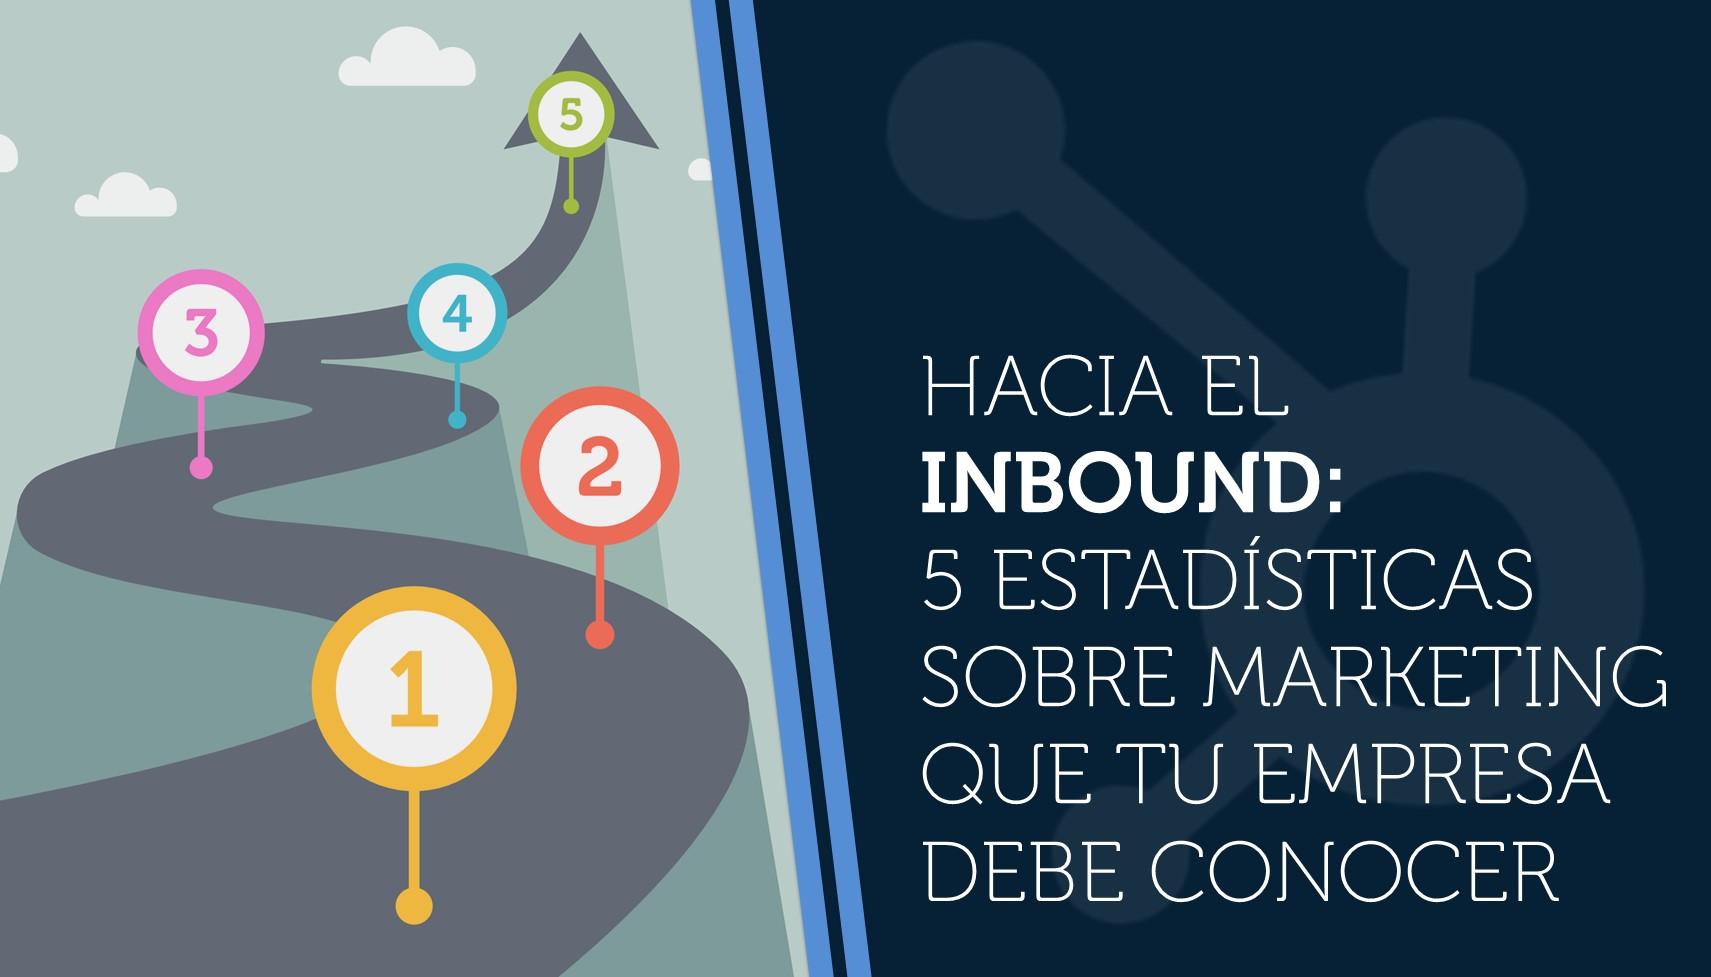 Hacia el inbound: 5 hacestadísticas sobre marketing que tu empresa debe conocer